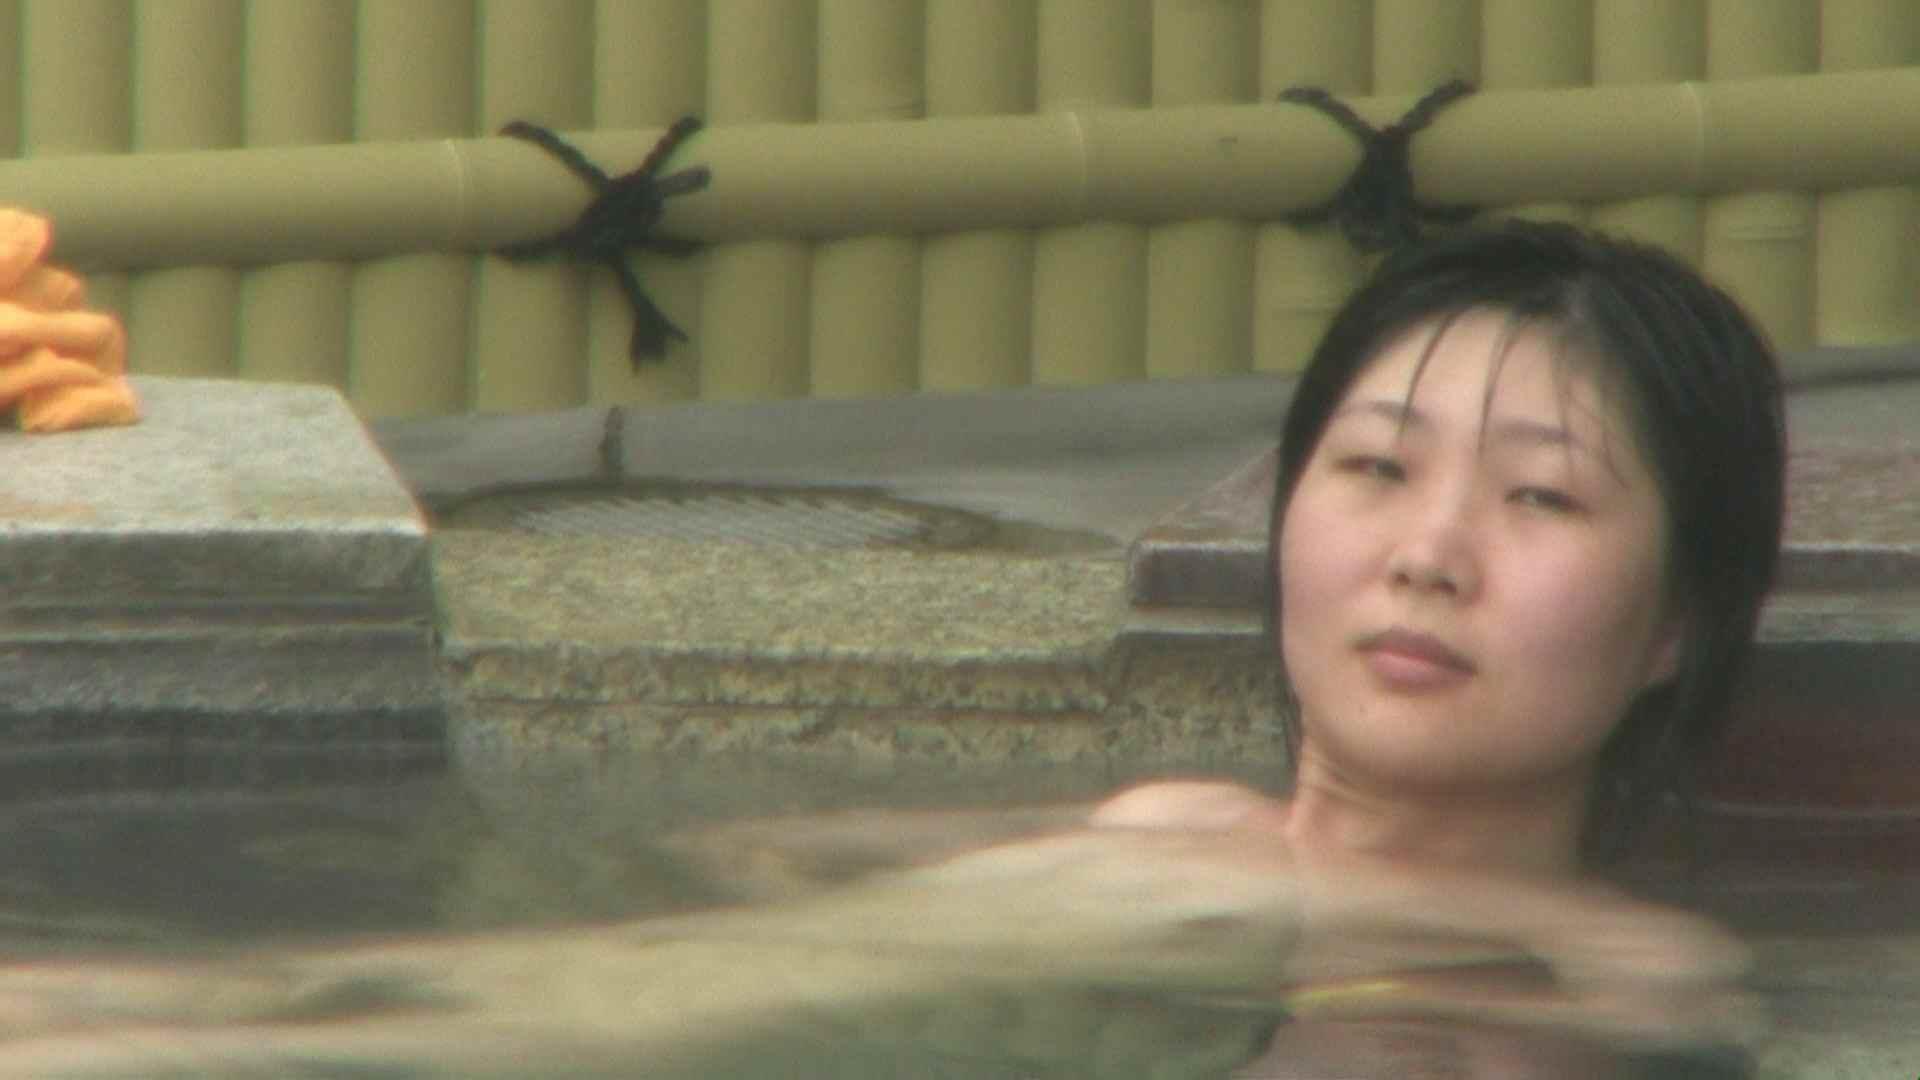 Aquaな露天風呂Vol.75【VIP限定】 盗撮師作品 オメコ動画キャプチャ 107pic 8